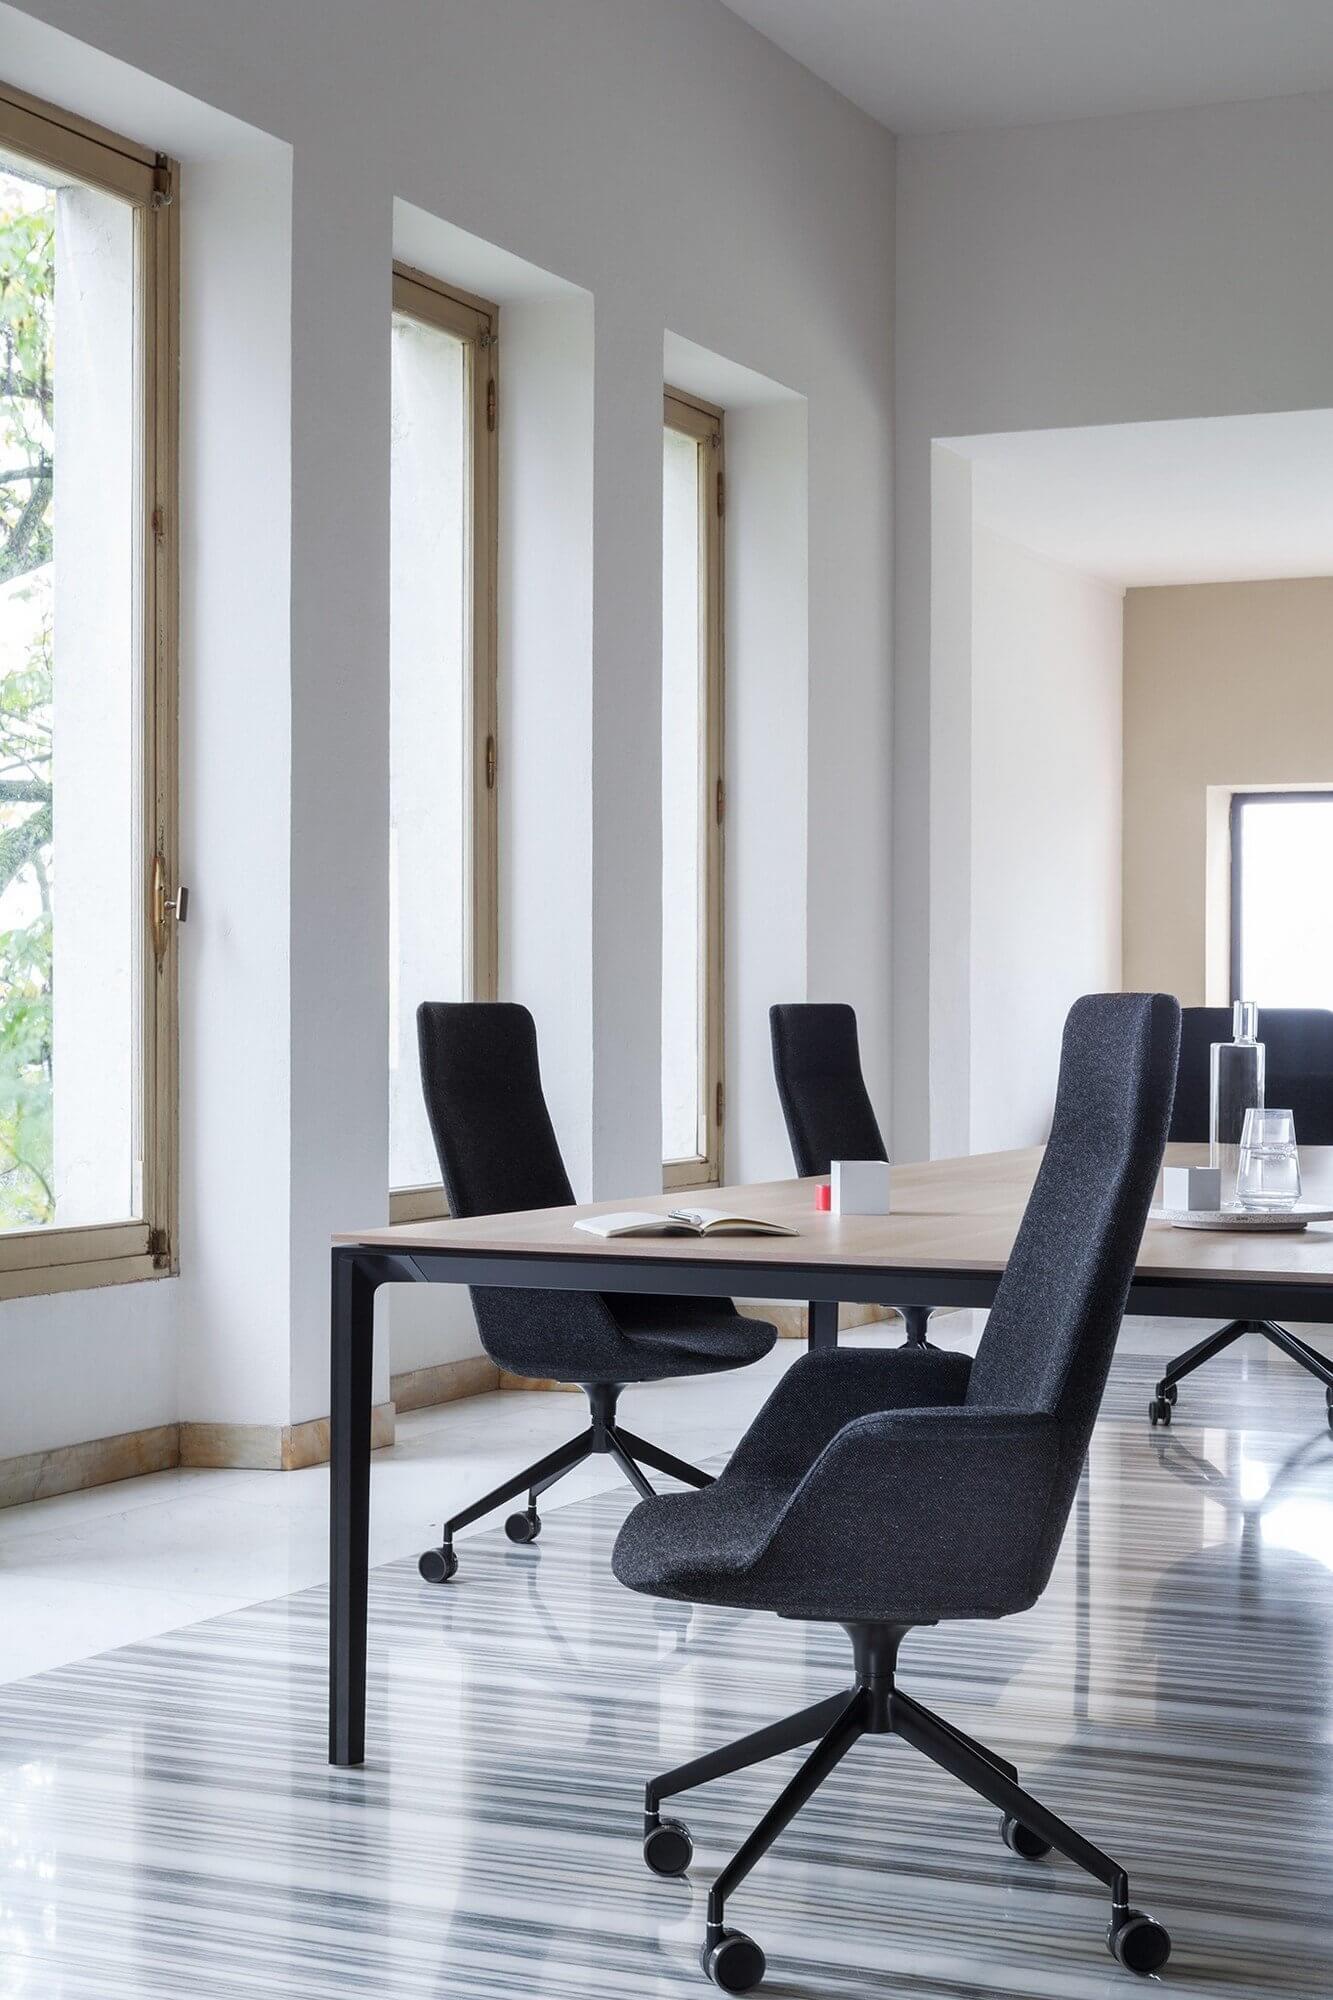 Chaise de bureau avec haut dossier UNO.